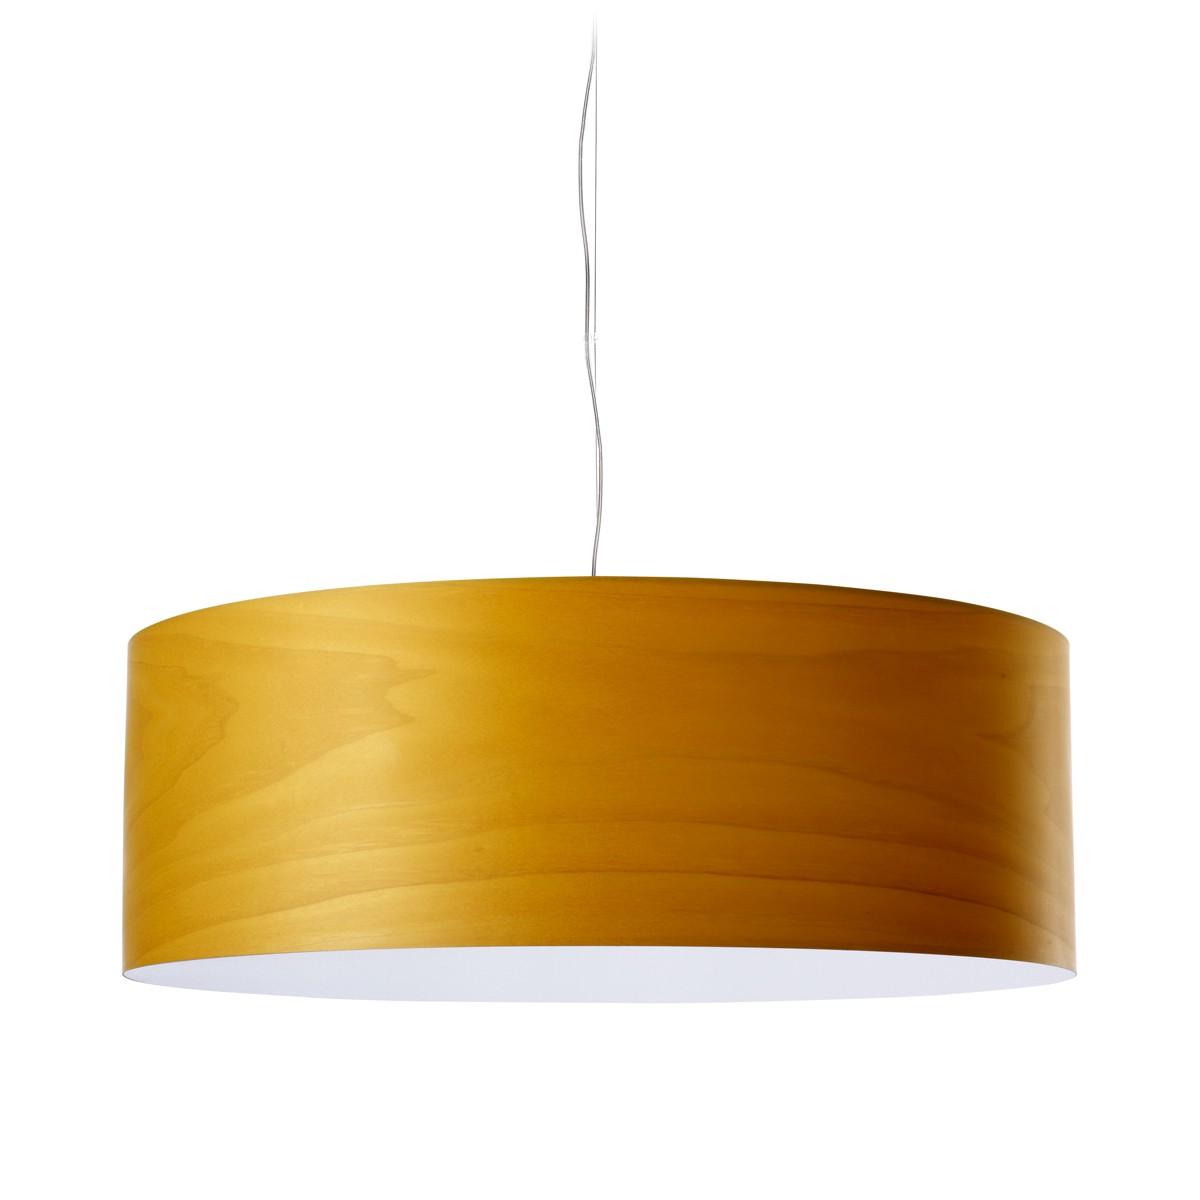 LZF Lamps Gea Large Pendelleuchte, gelb